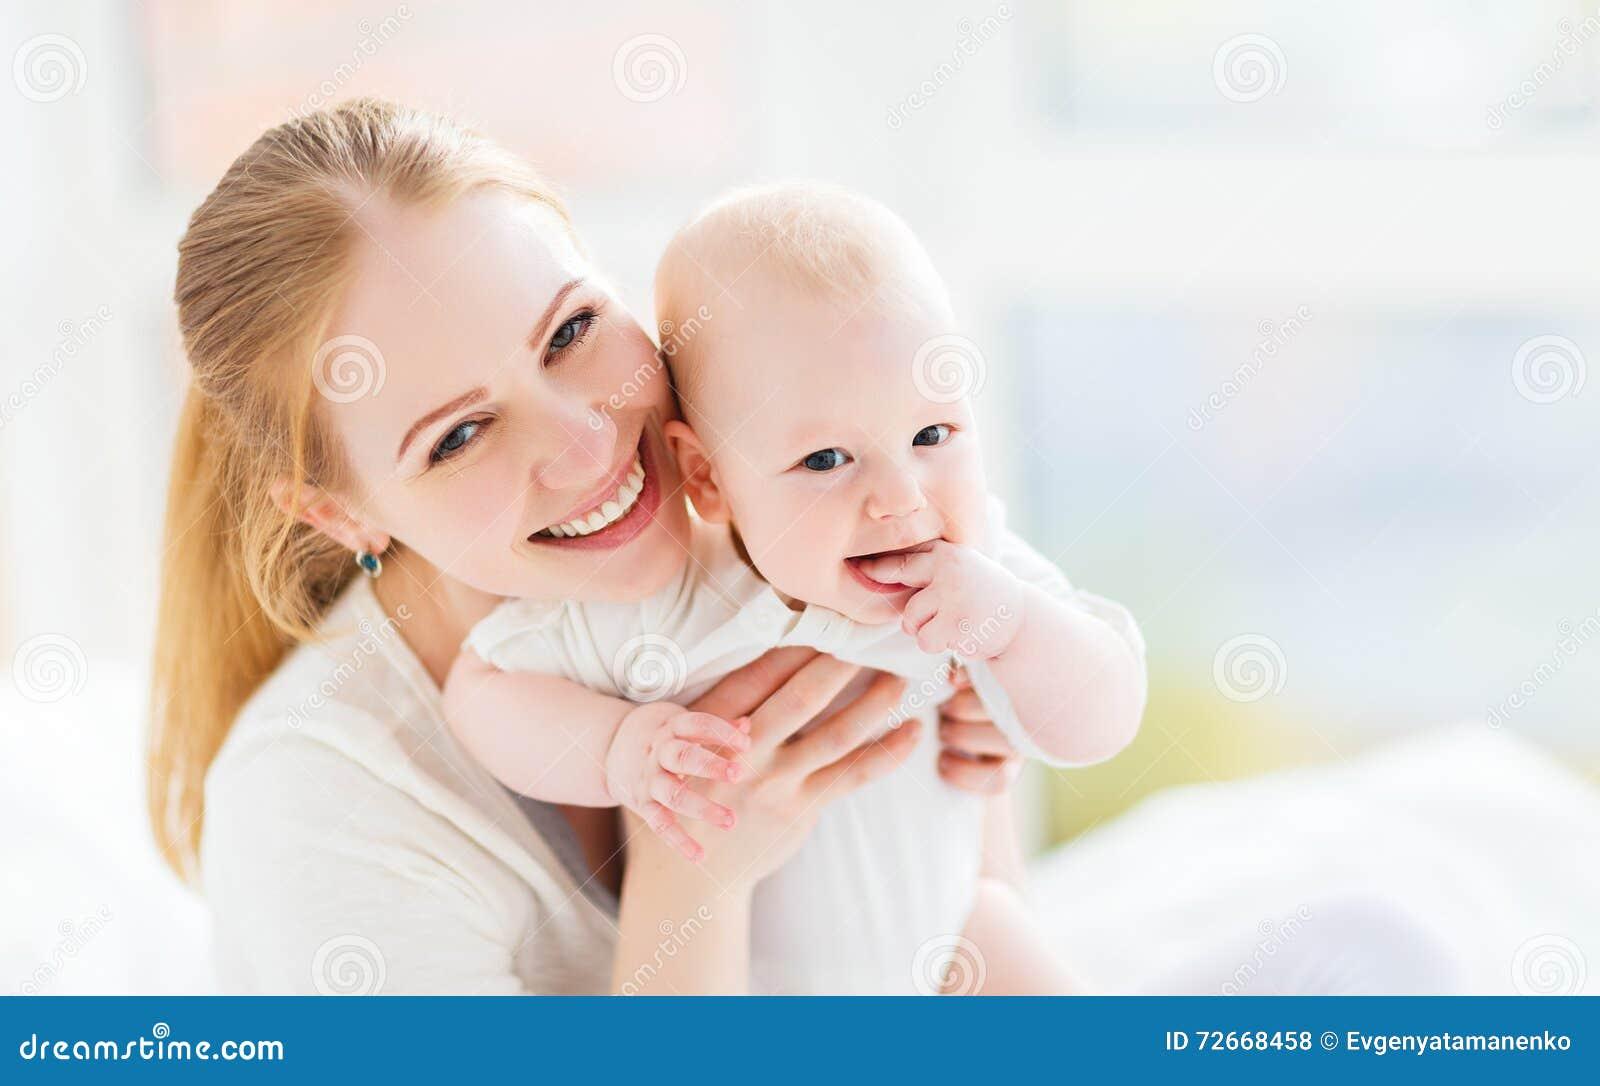 Ευτυχής οικογενειακή μητέρα με το παιχνίδι και το αγκάλιασμα μωρών στο κρεβάτι